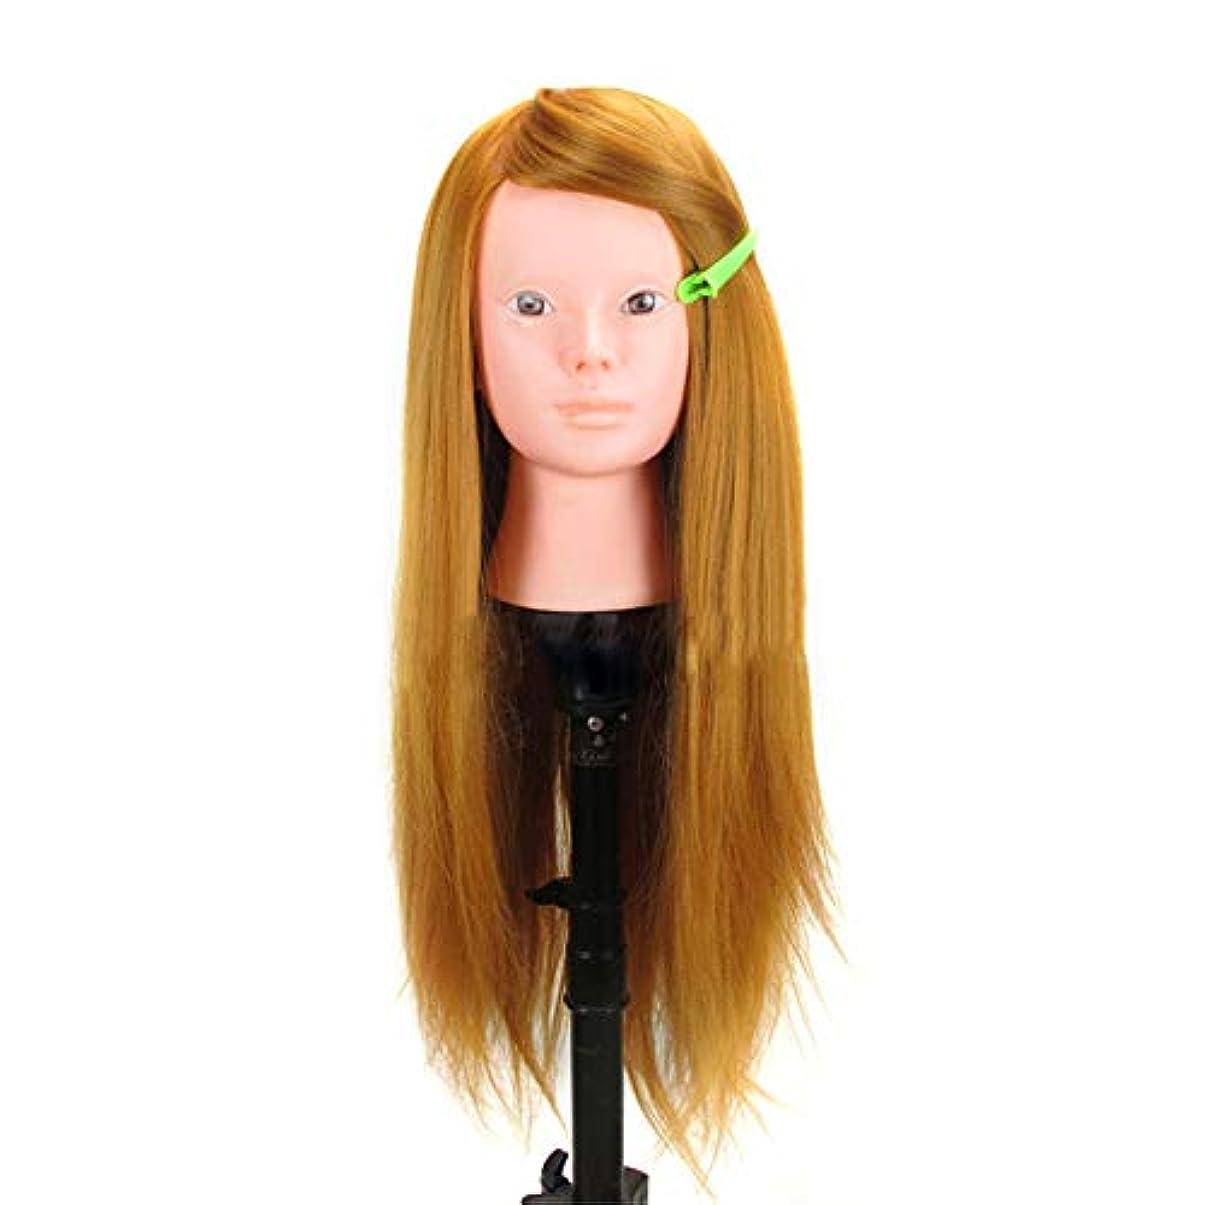 つかいます学部長くつろぎ高温ワイヤーヘアティーチングヘッドパーマ髪織りヘアモデル髪染め理髪ダミーヘッドモデル